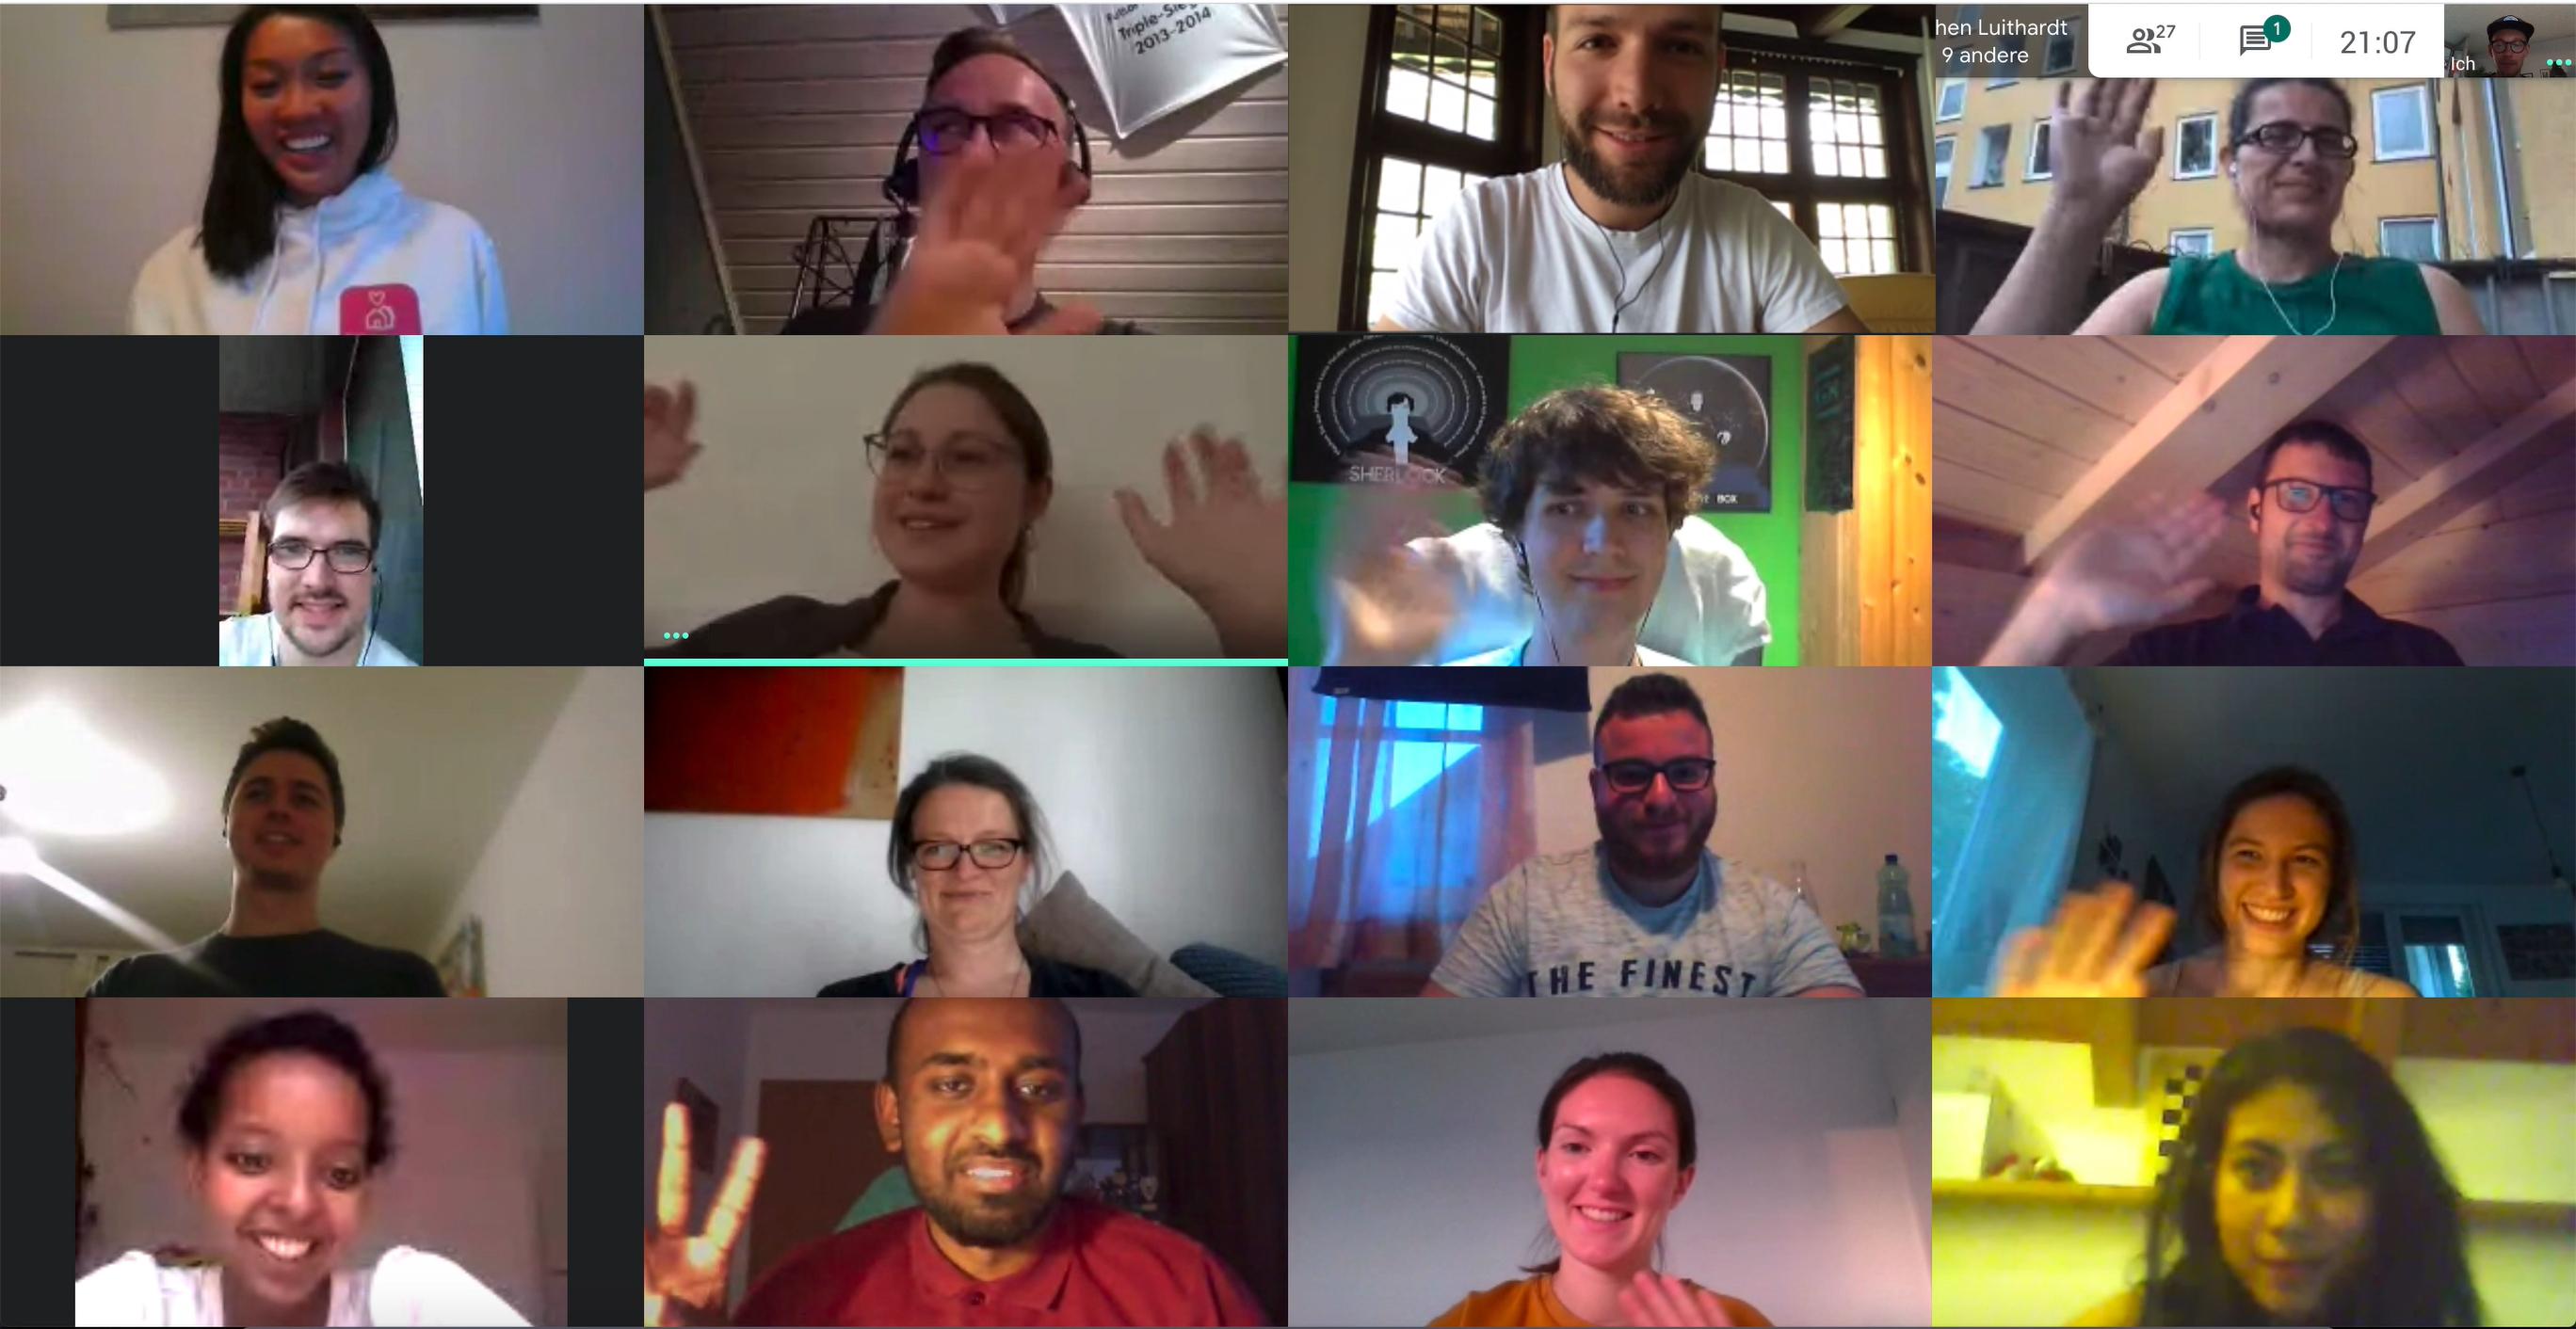 Screenshot des Entwicklerteams in einem Videotelefonat.